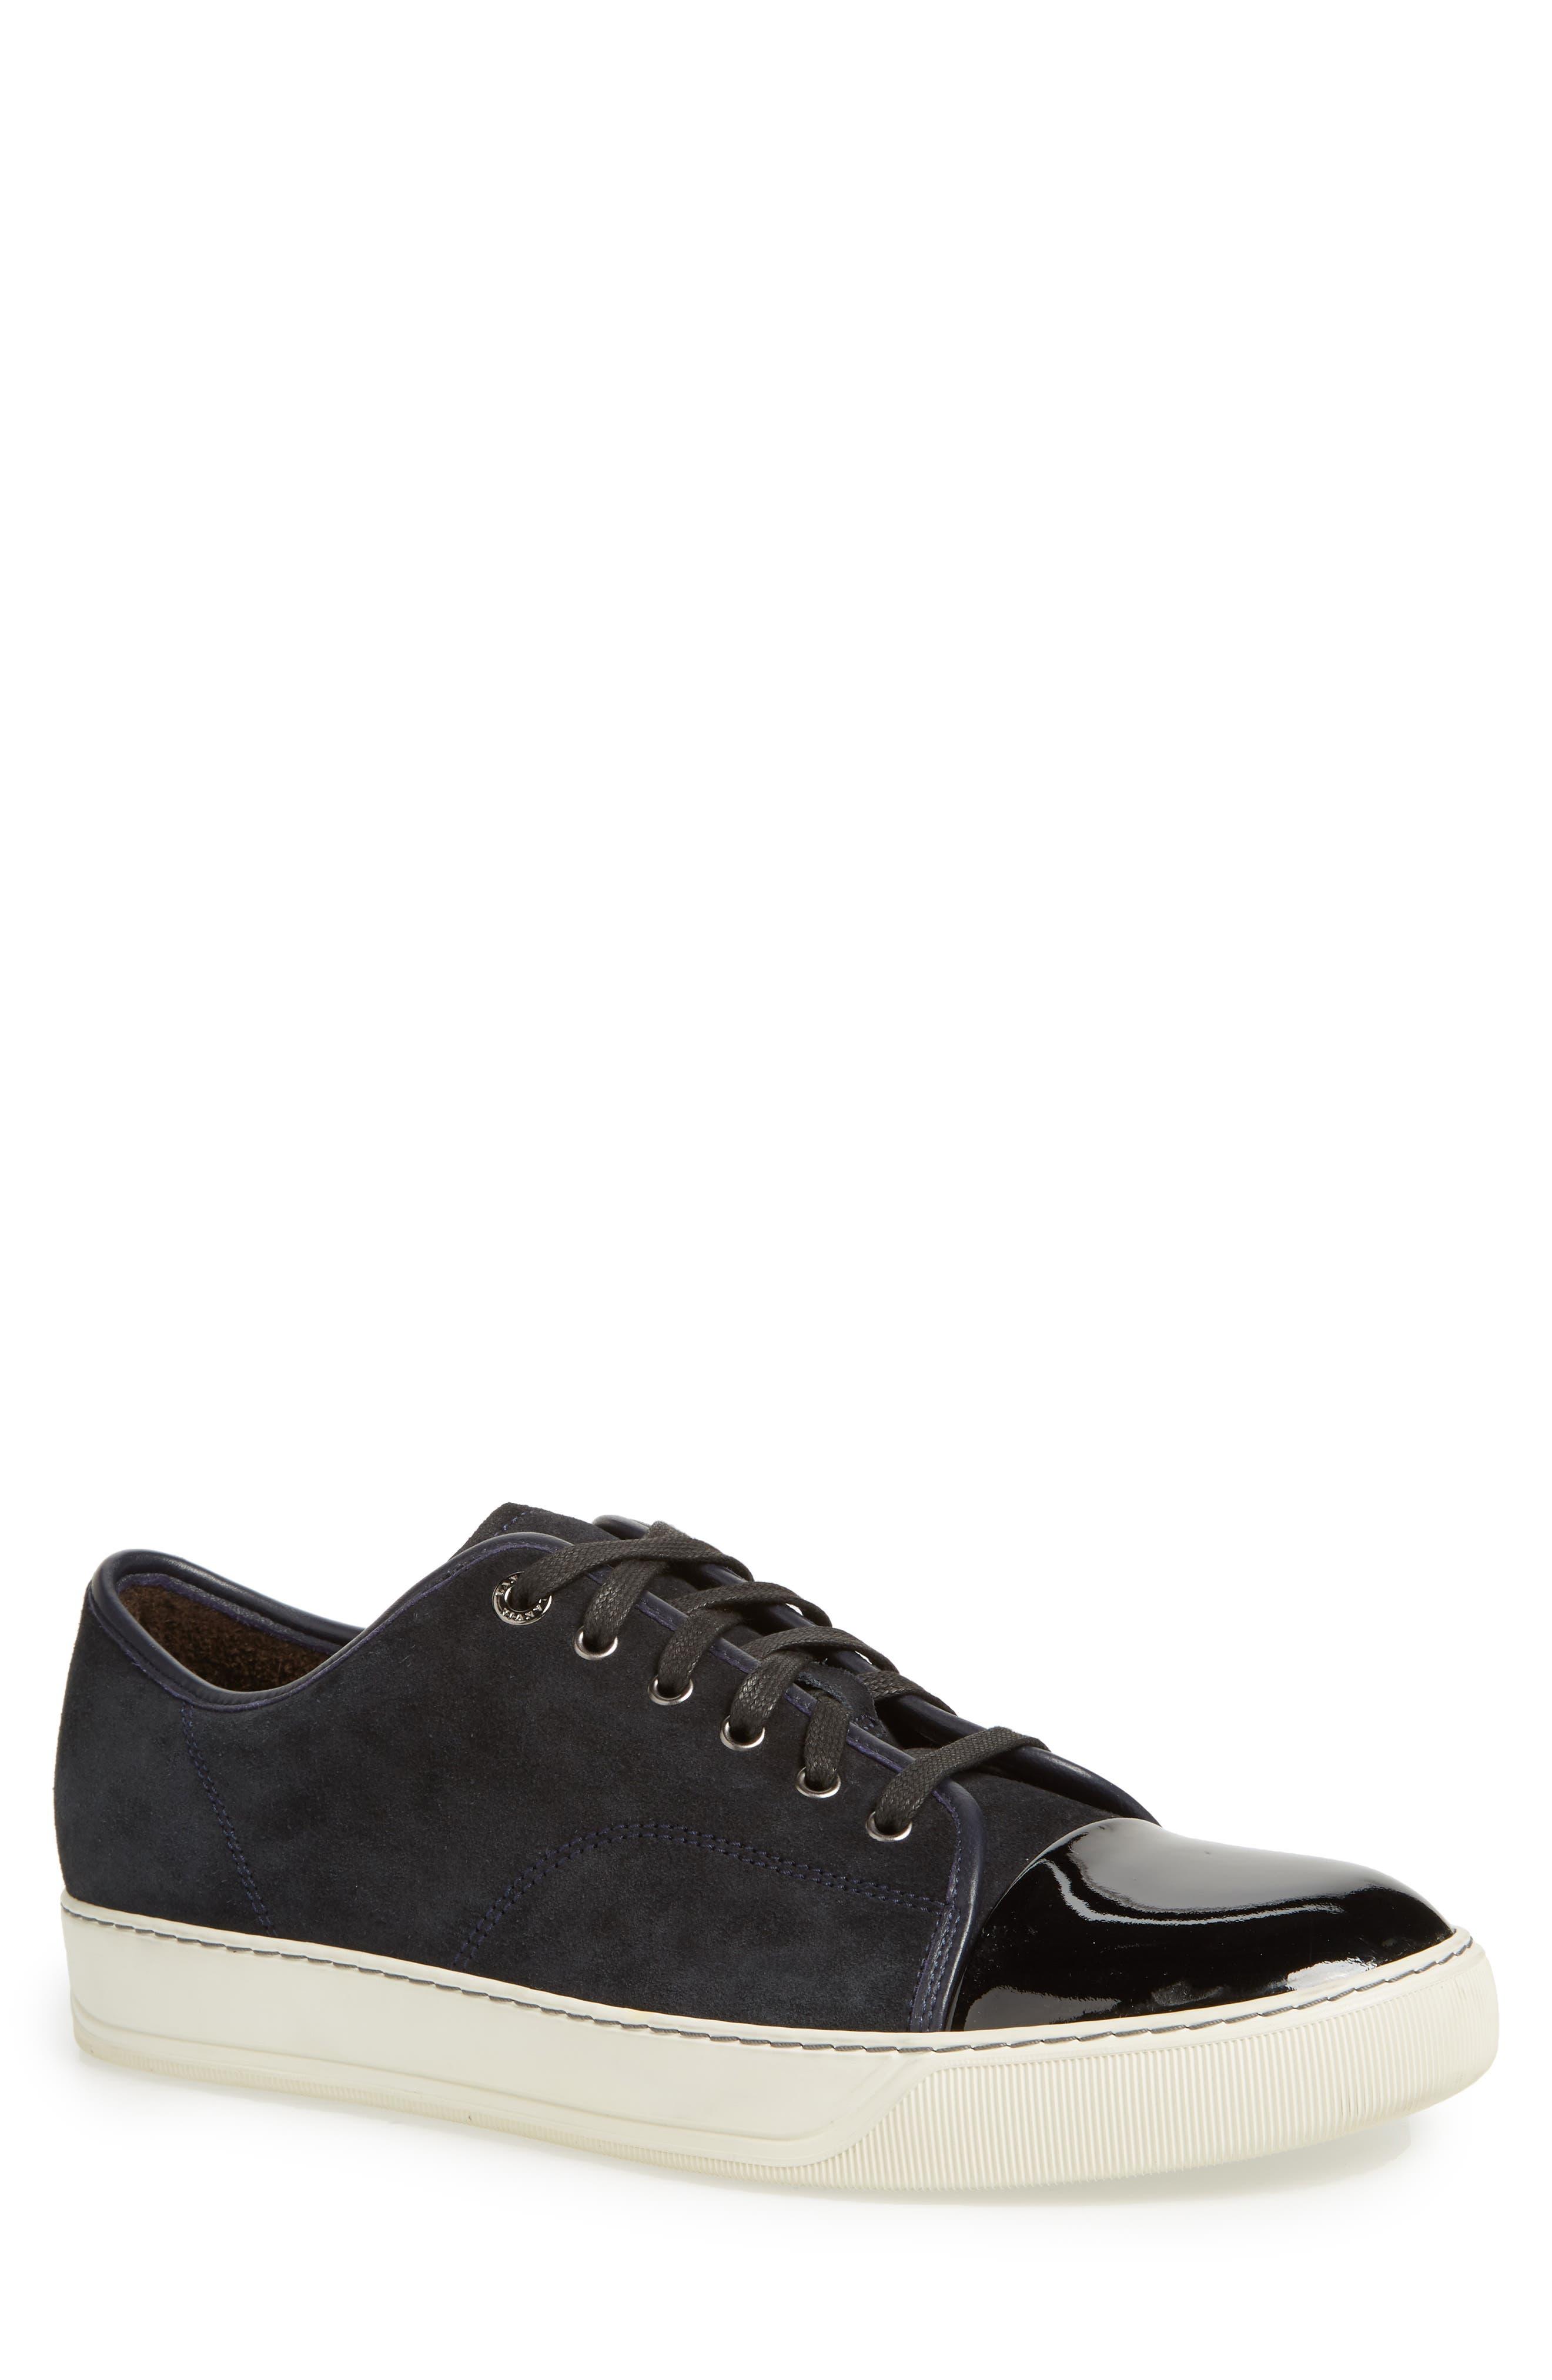 BLACK Laceup sneakers Lanvin shop online CRGGEM MEN